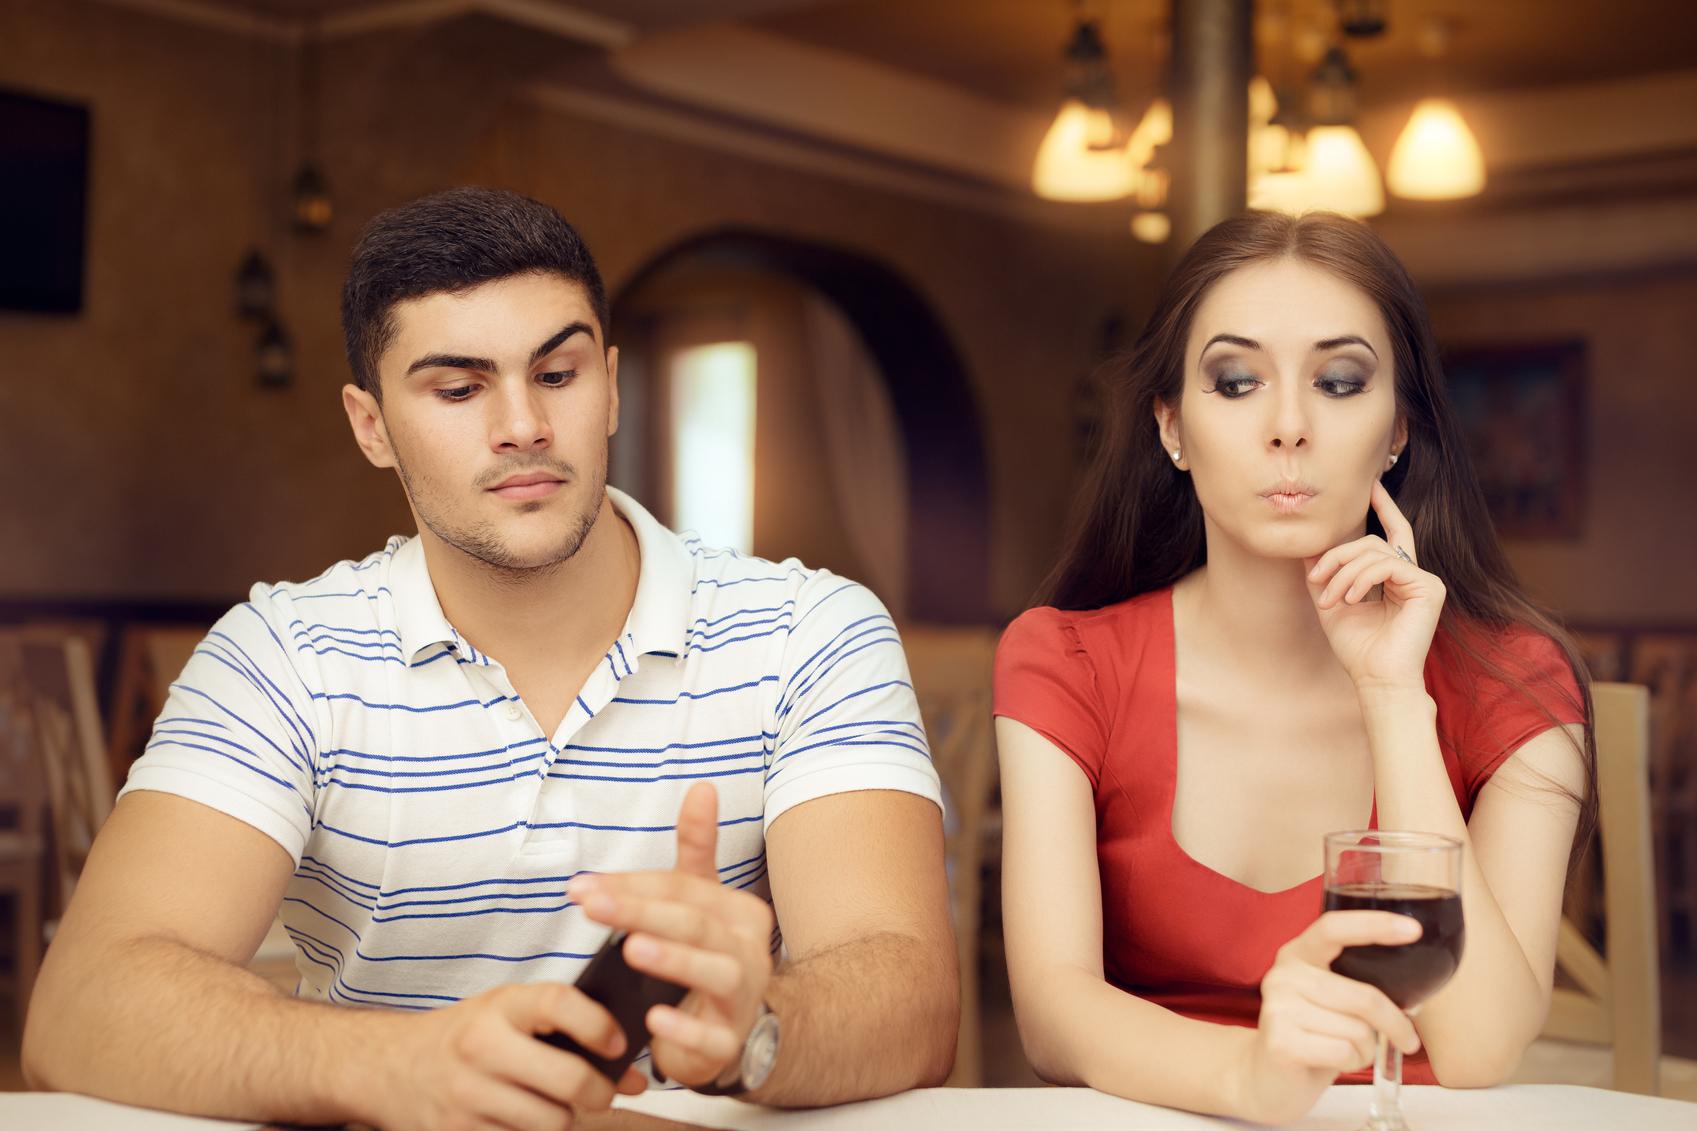 dating utroskab ingen sexlyst